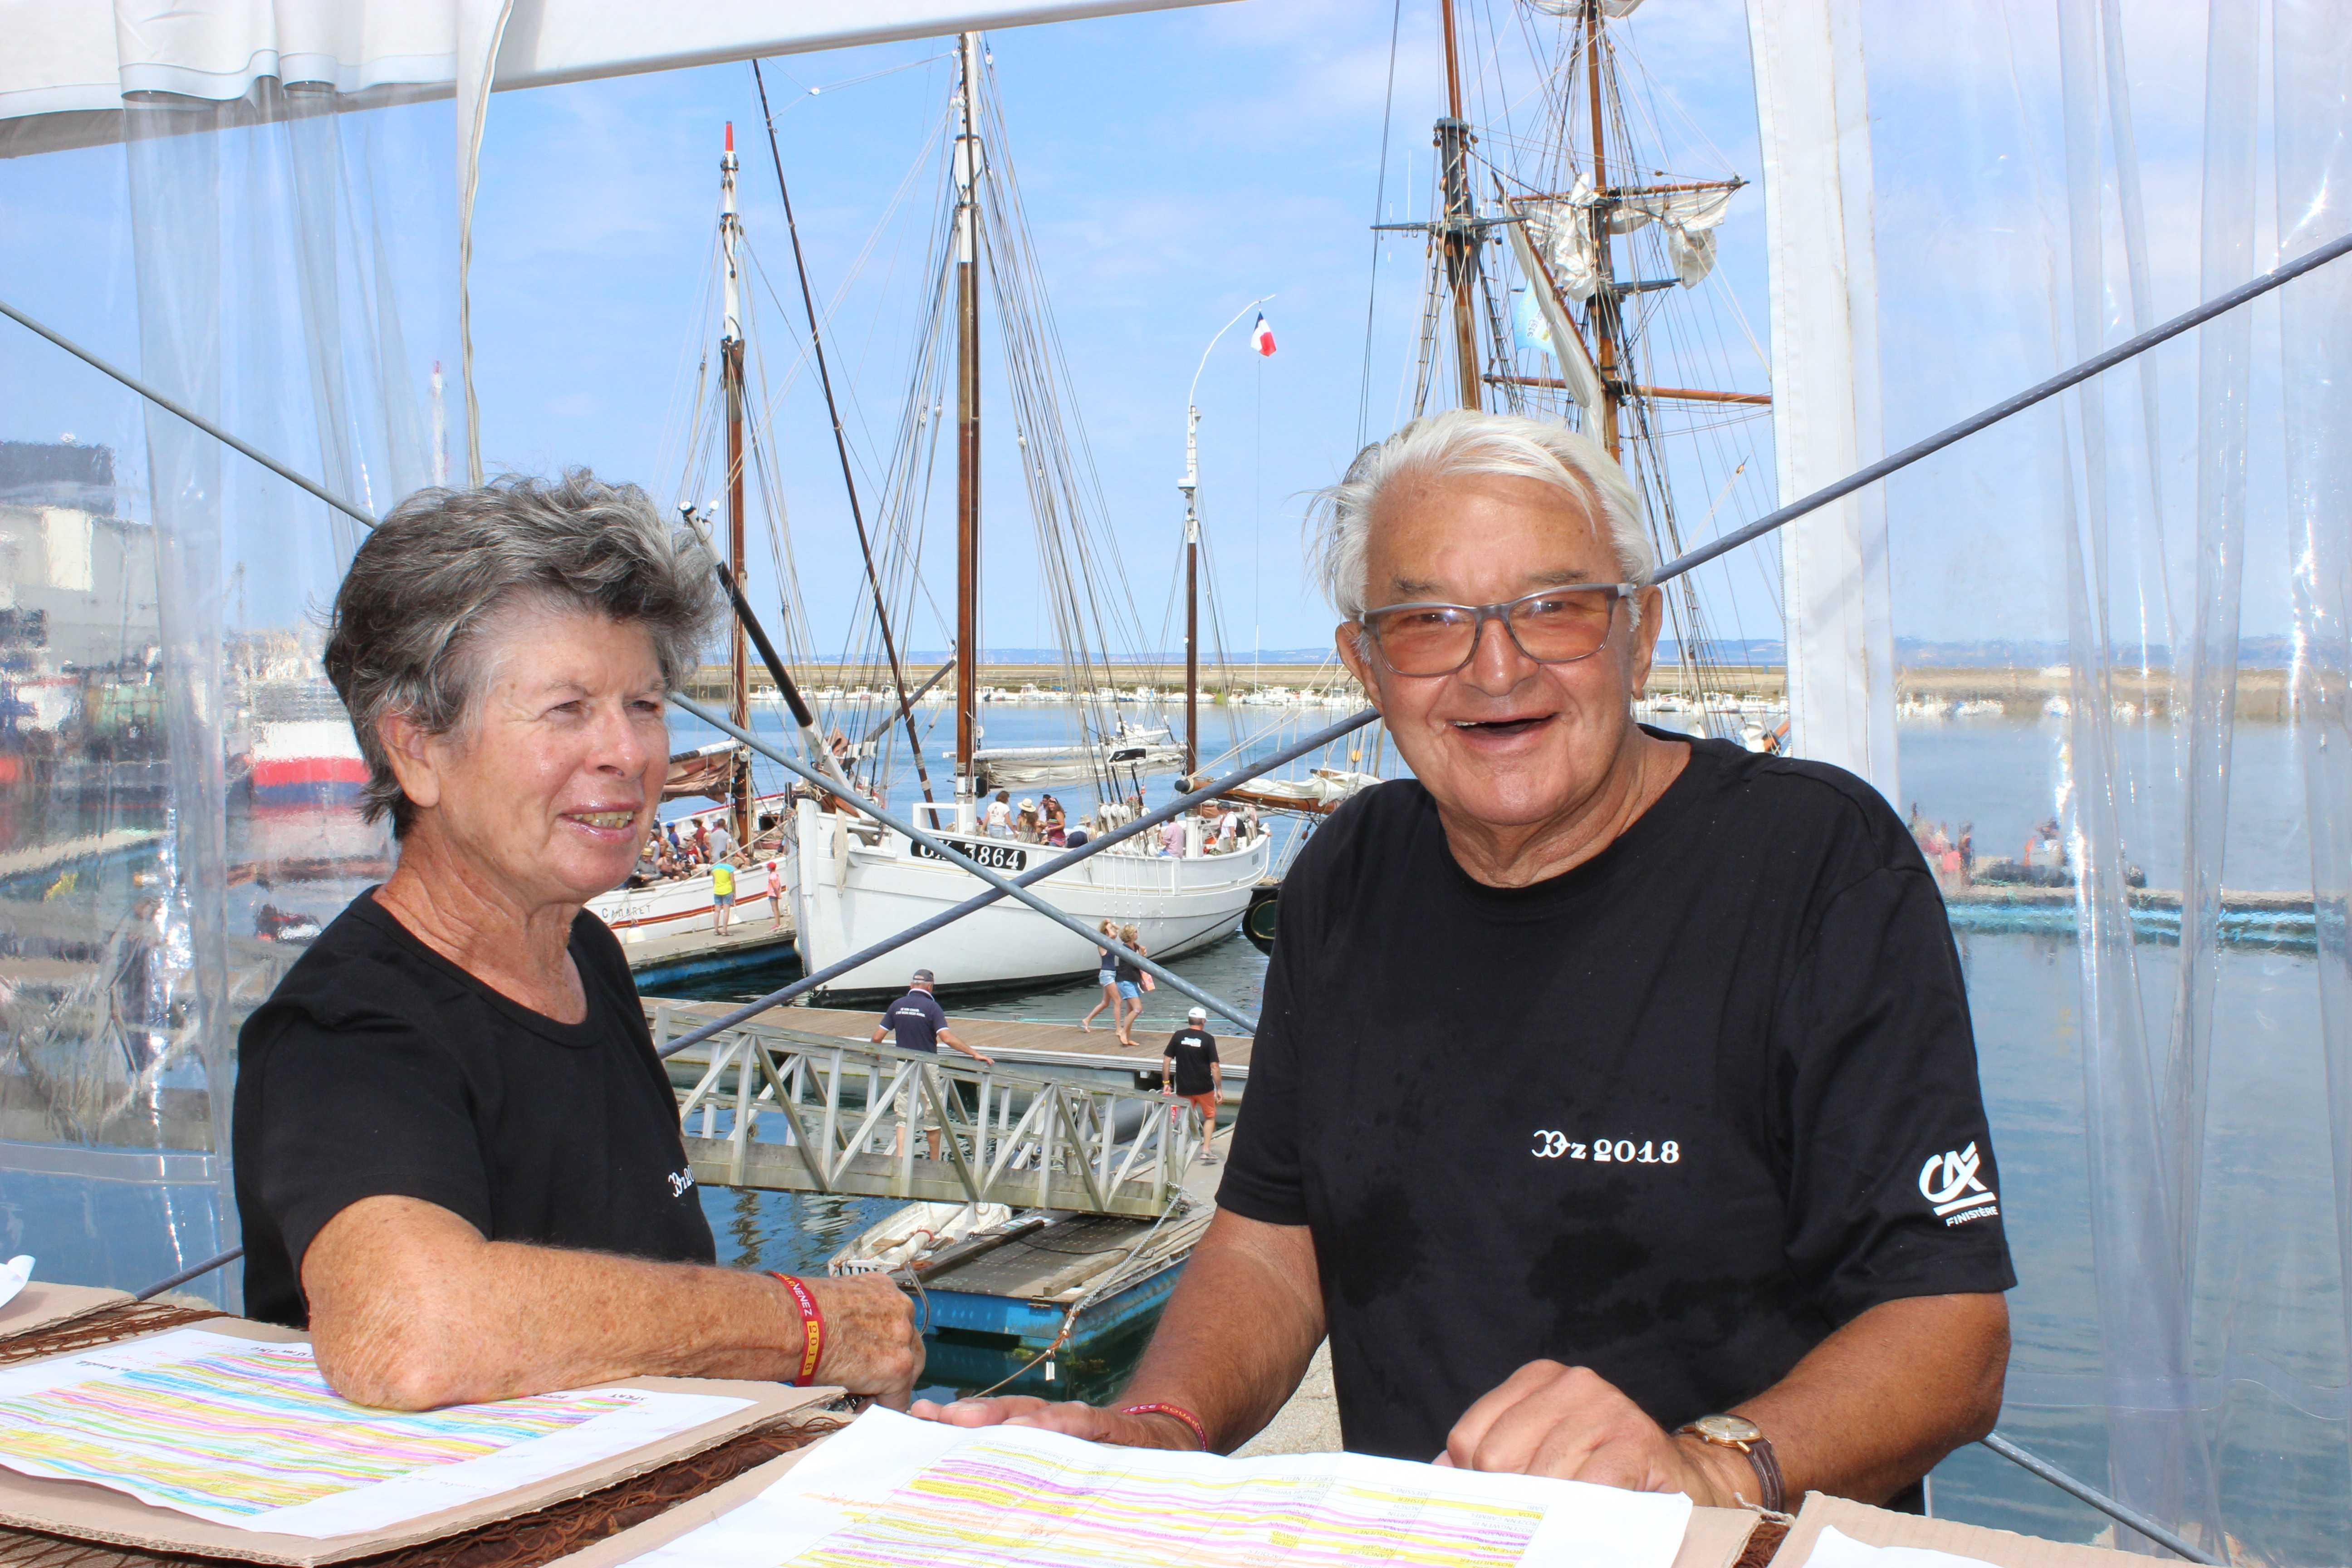 temps fête, douarnenez, équipage, vieux gréements, festival maritime